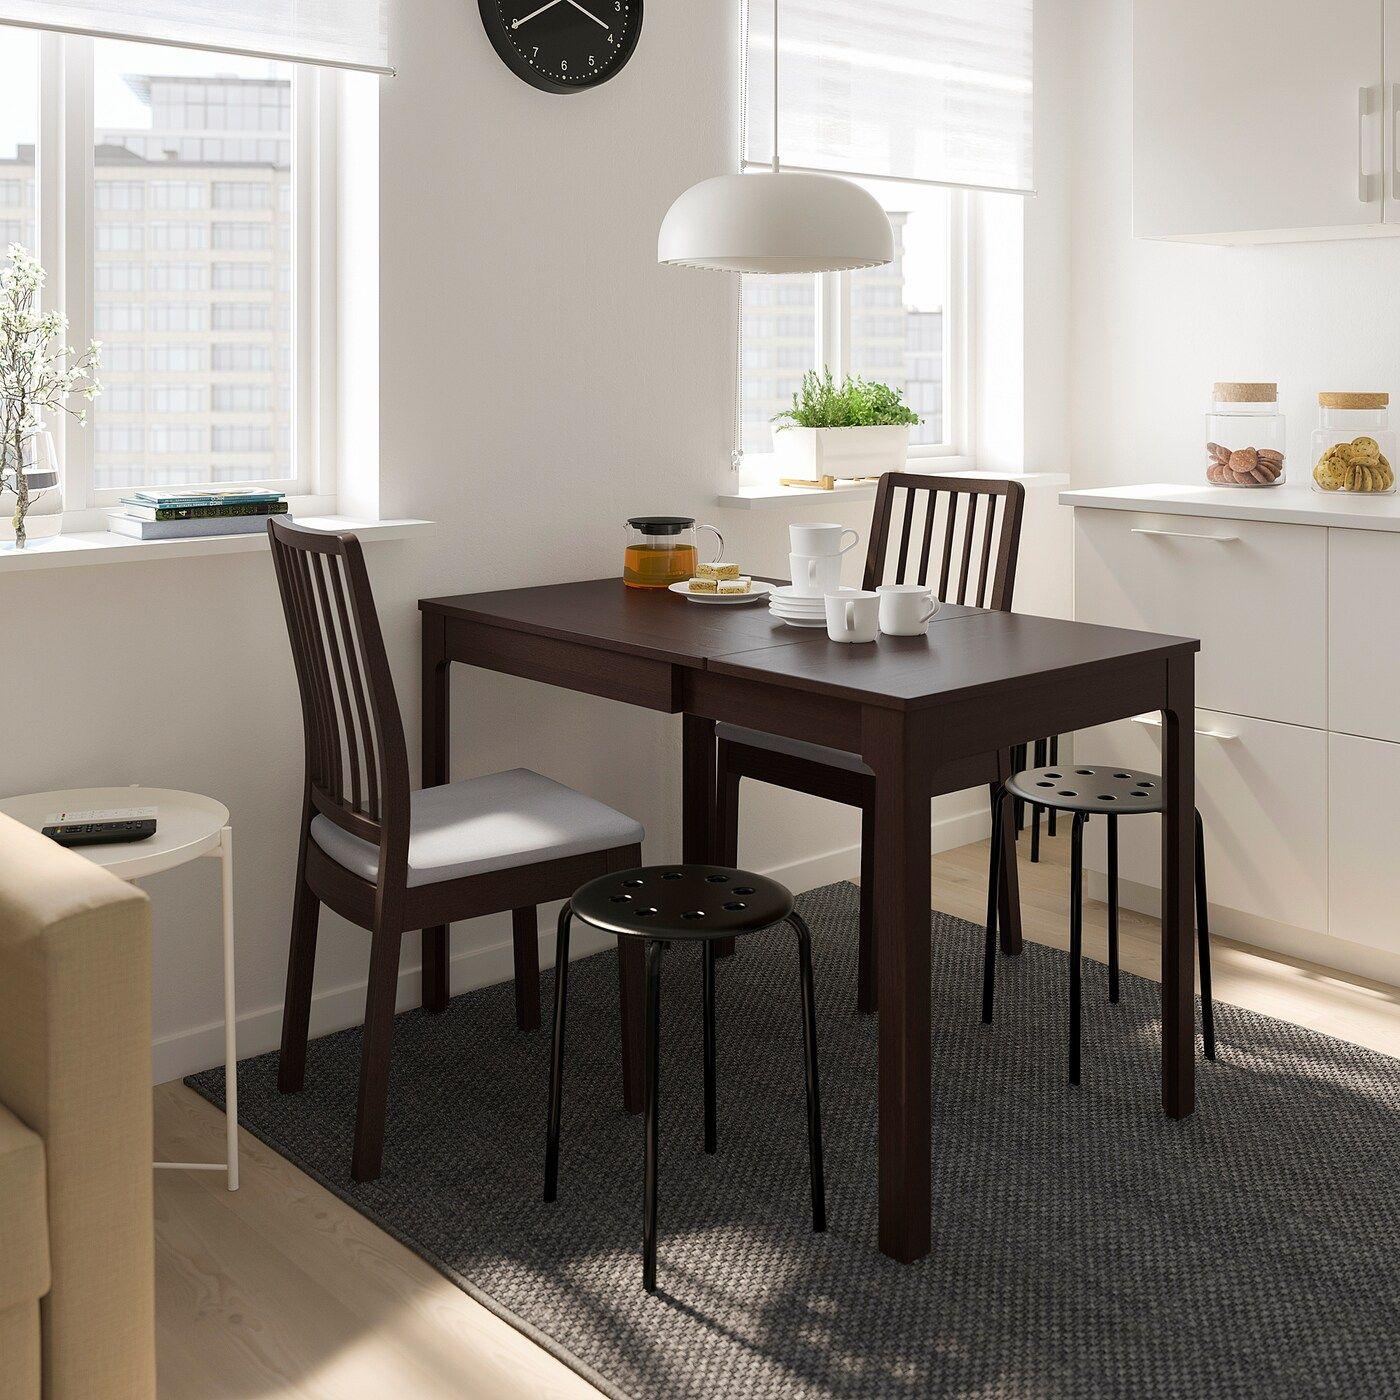 Ekedalen Tisch Und 2 Stuhle Dunkelbraun Orrsta Hellgrau